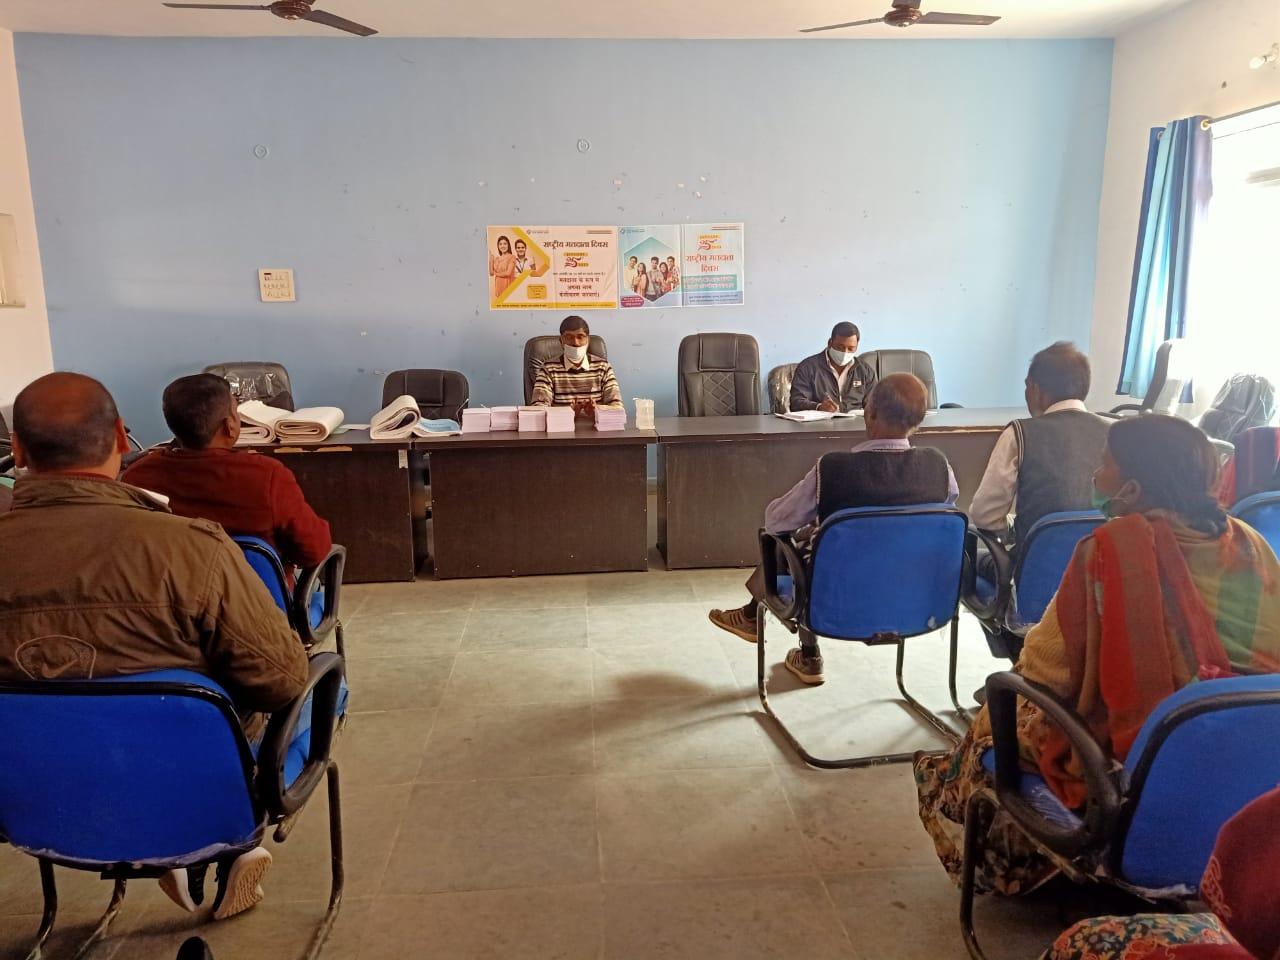 25 जनवरी को सभी मतदान केंद्रों पर आयोजित किया जायेगा राष्ट्रीय मतदाता दिवस